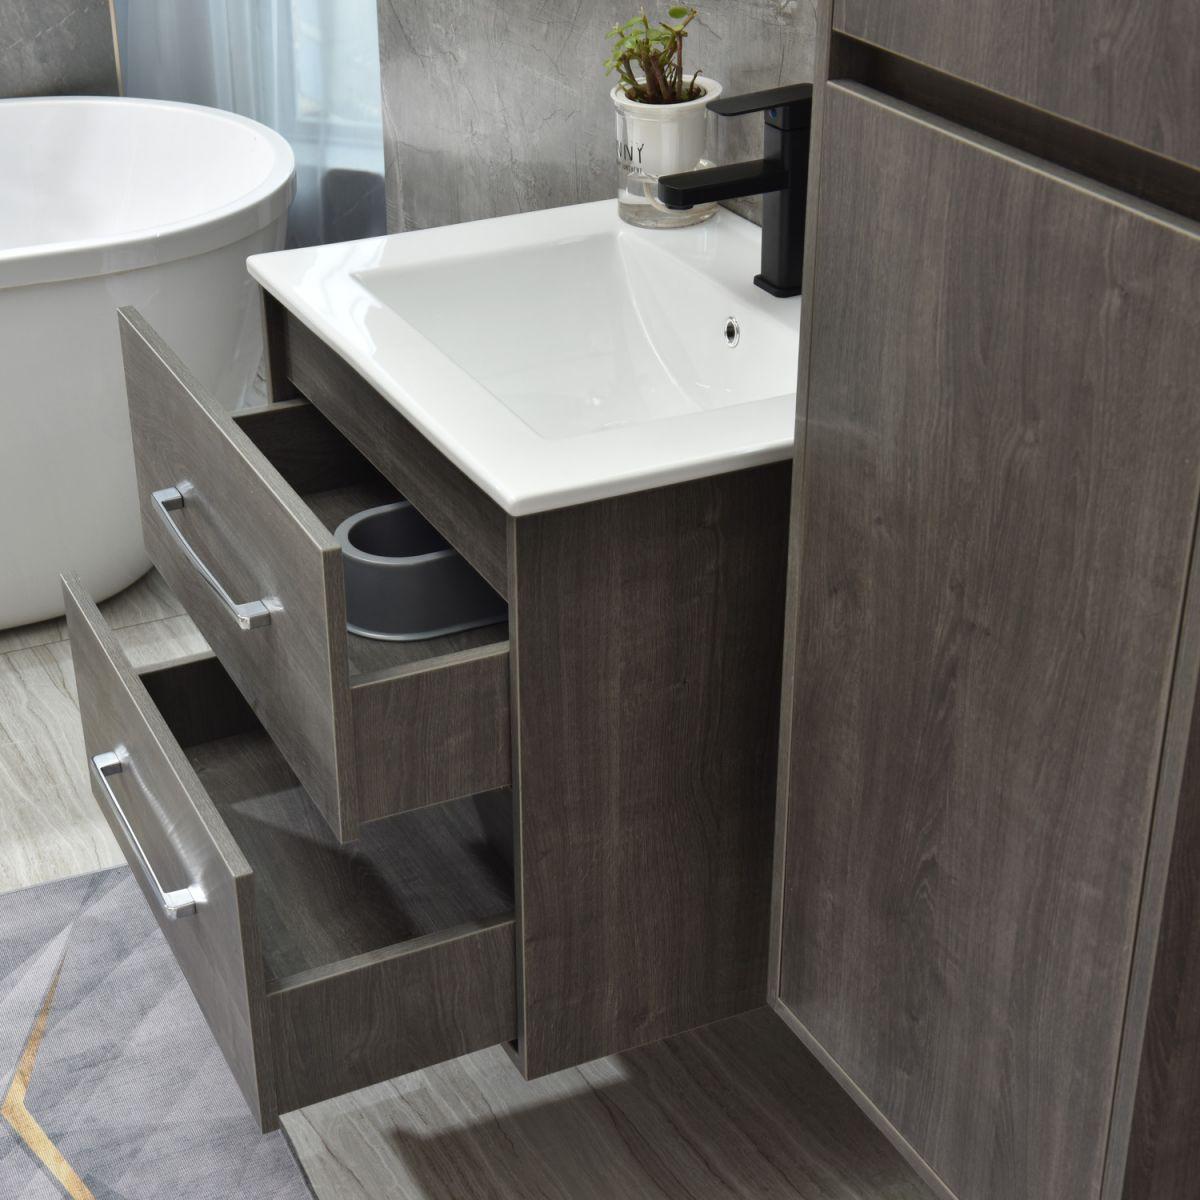 MF 1805 0 G 3 Mobile bagno Praga sospeso 120 cm grigio effetto legno con lavabo,specchio e colonna pensile